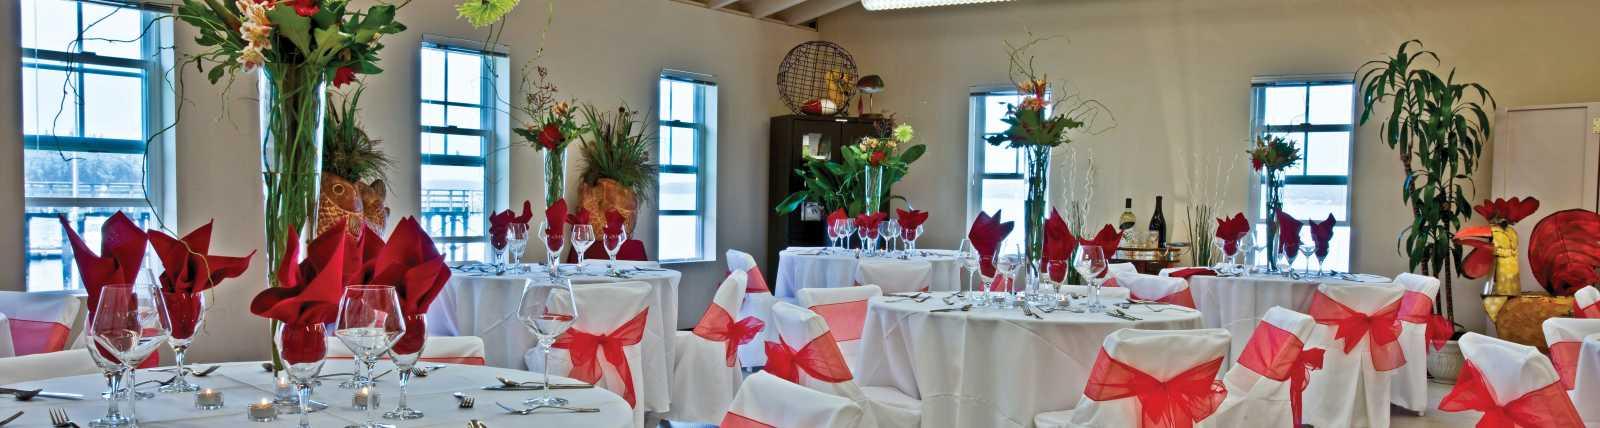 meeting-facility-Salty_s_at_Redondo_Beach_Meeting_Facility.jpg